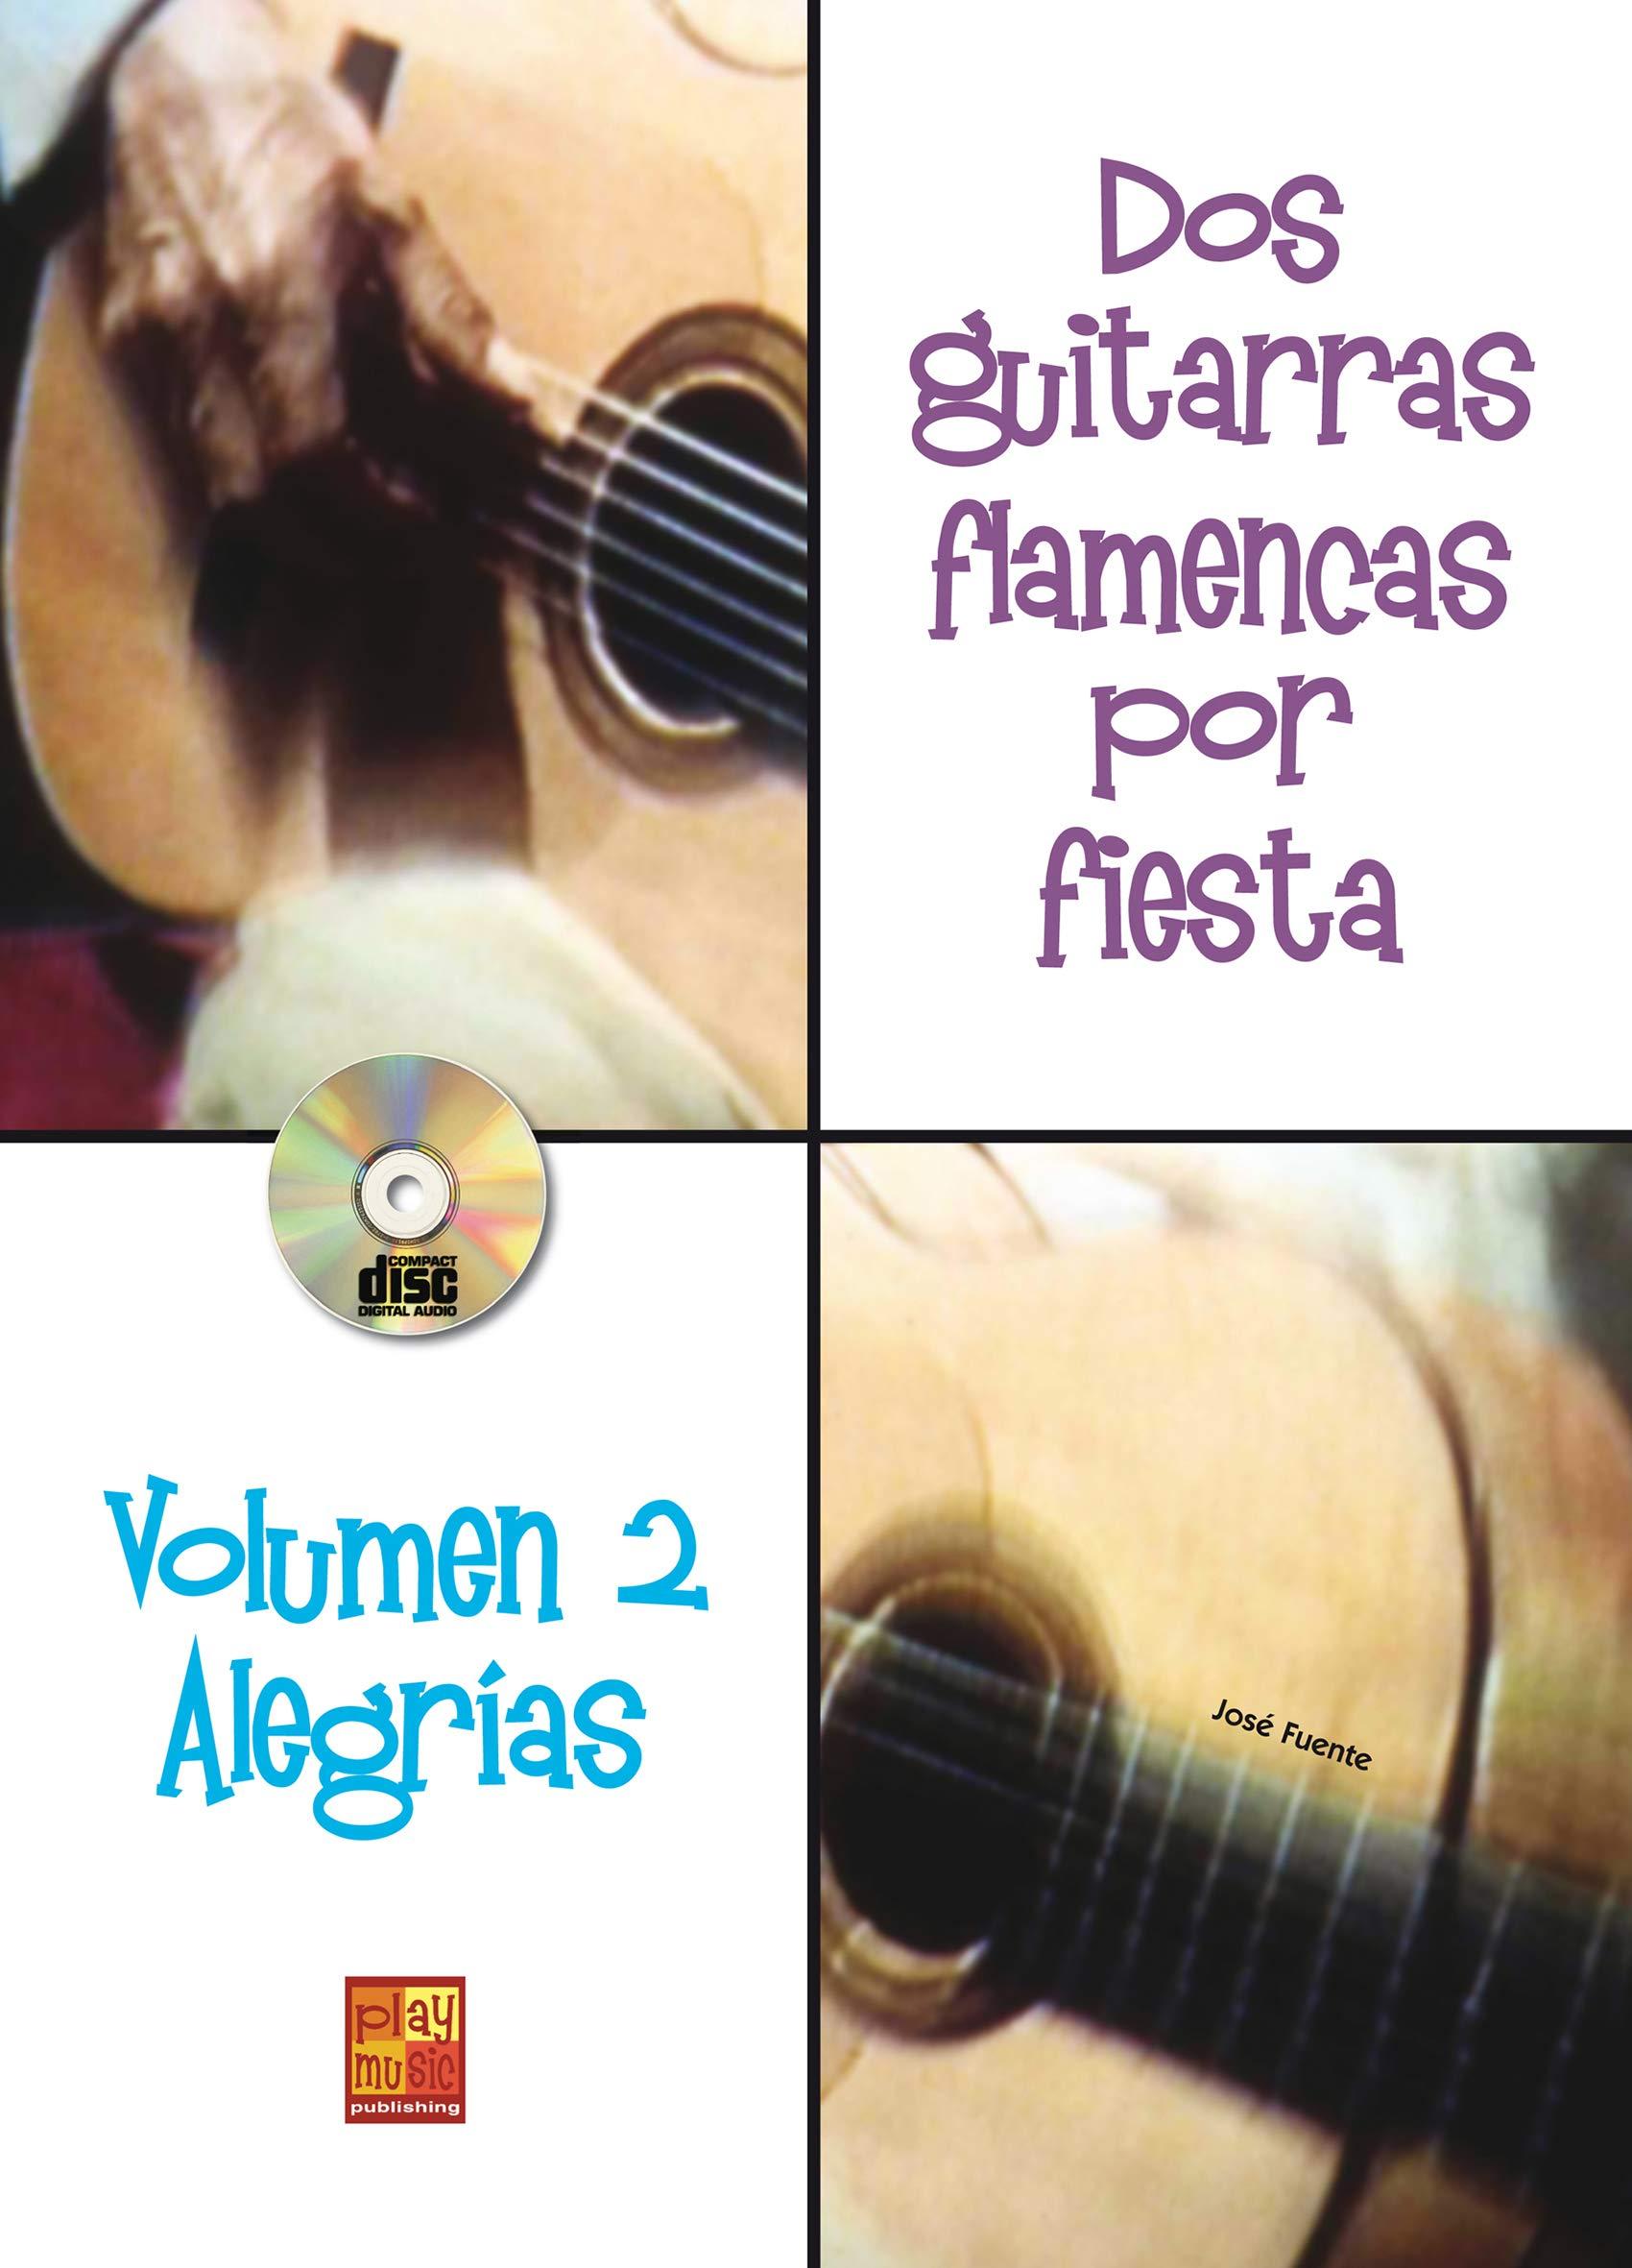 Dos guitarras flamencas por fiesta Volumen 2 Alegrías - 1 Libro + ...